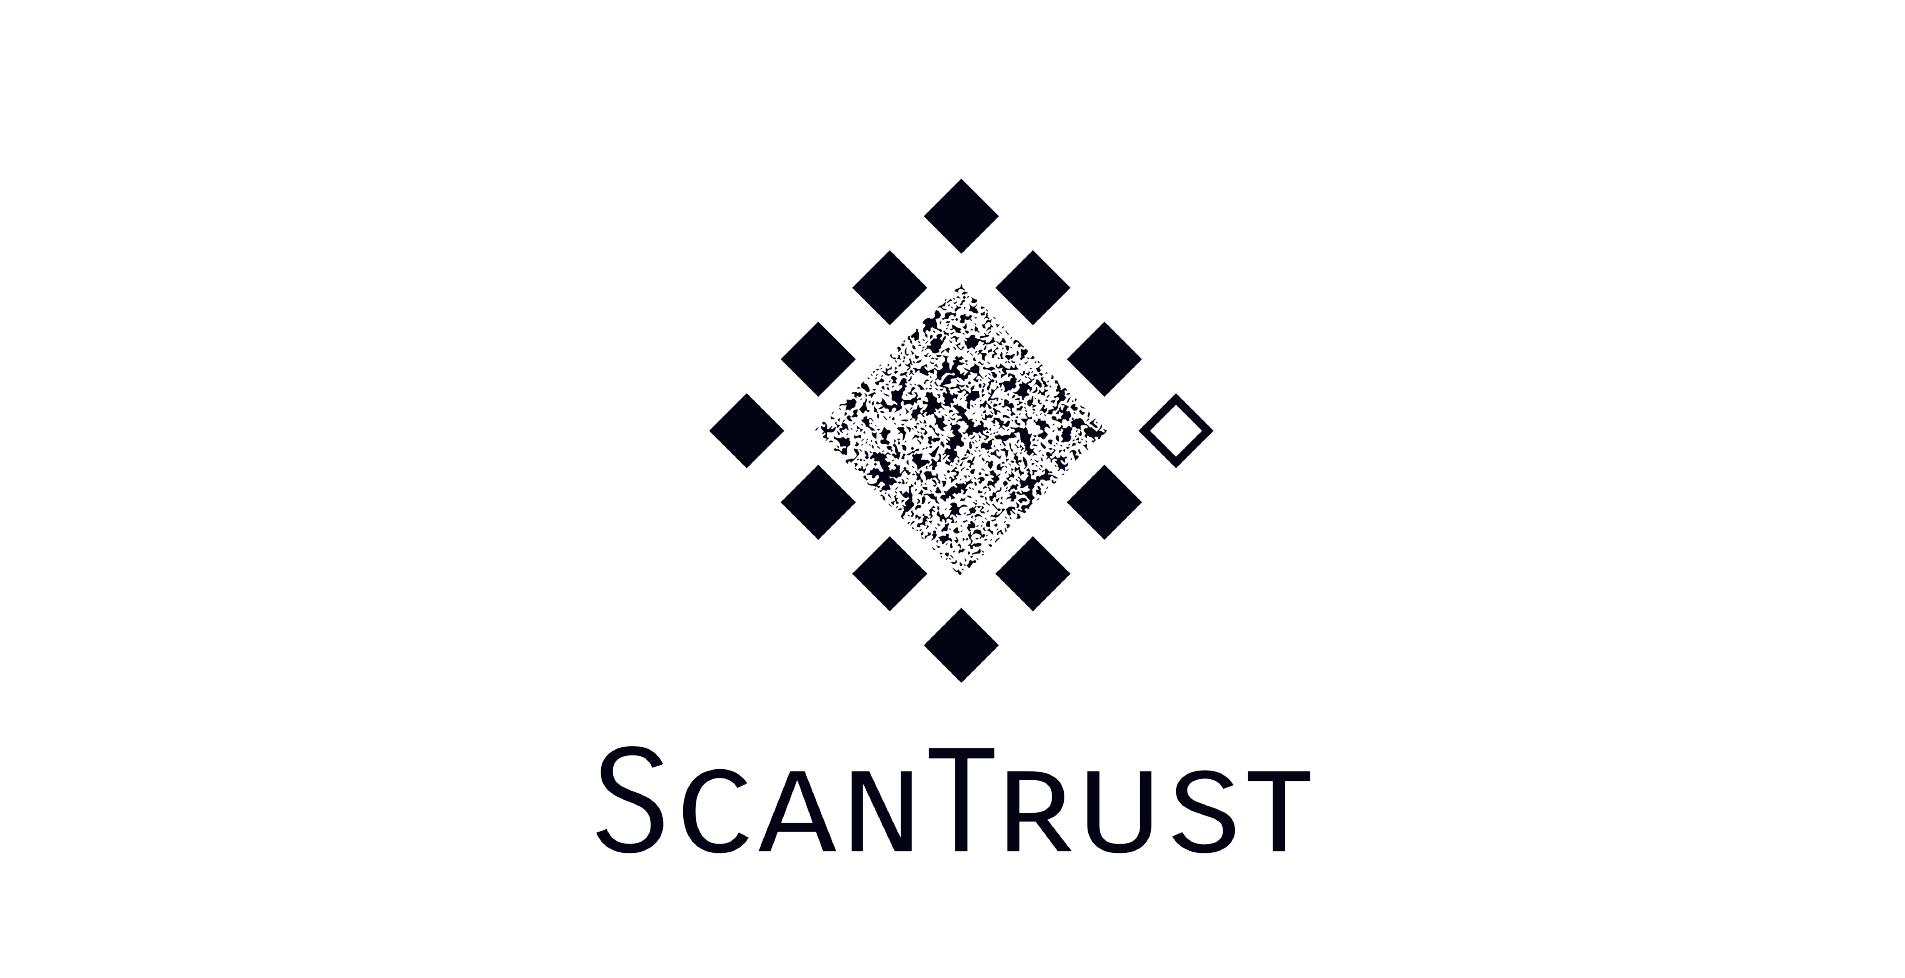 ltt scantrust-06.png